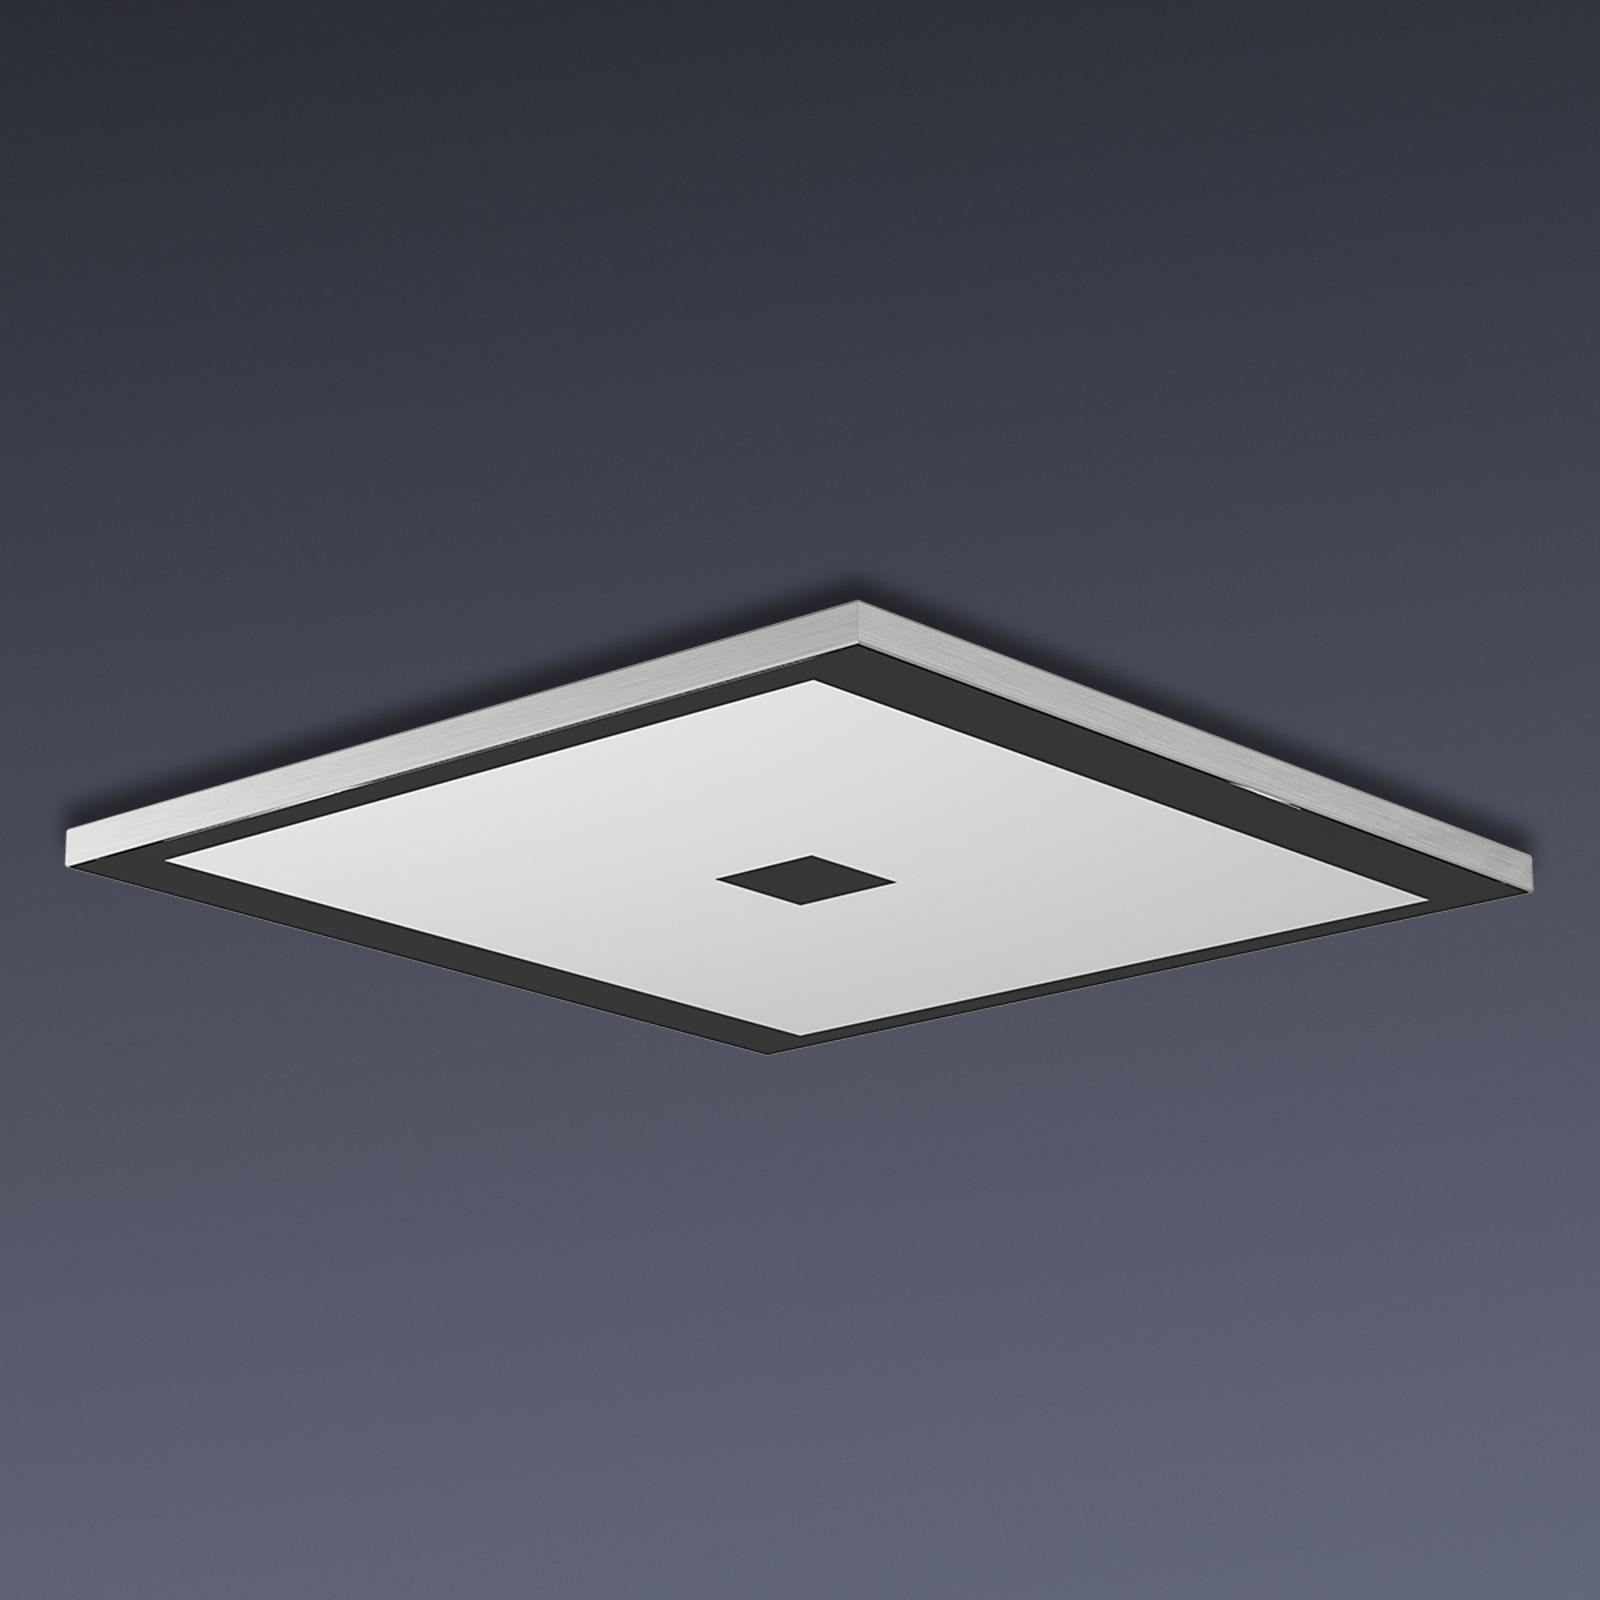 Čtvercové stropní LED svítidlo Zen – Color Control